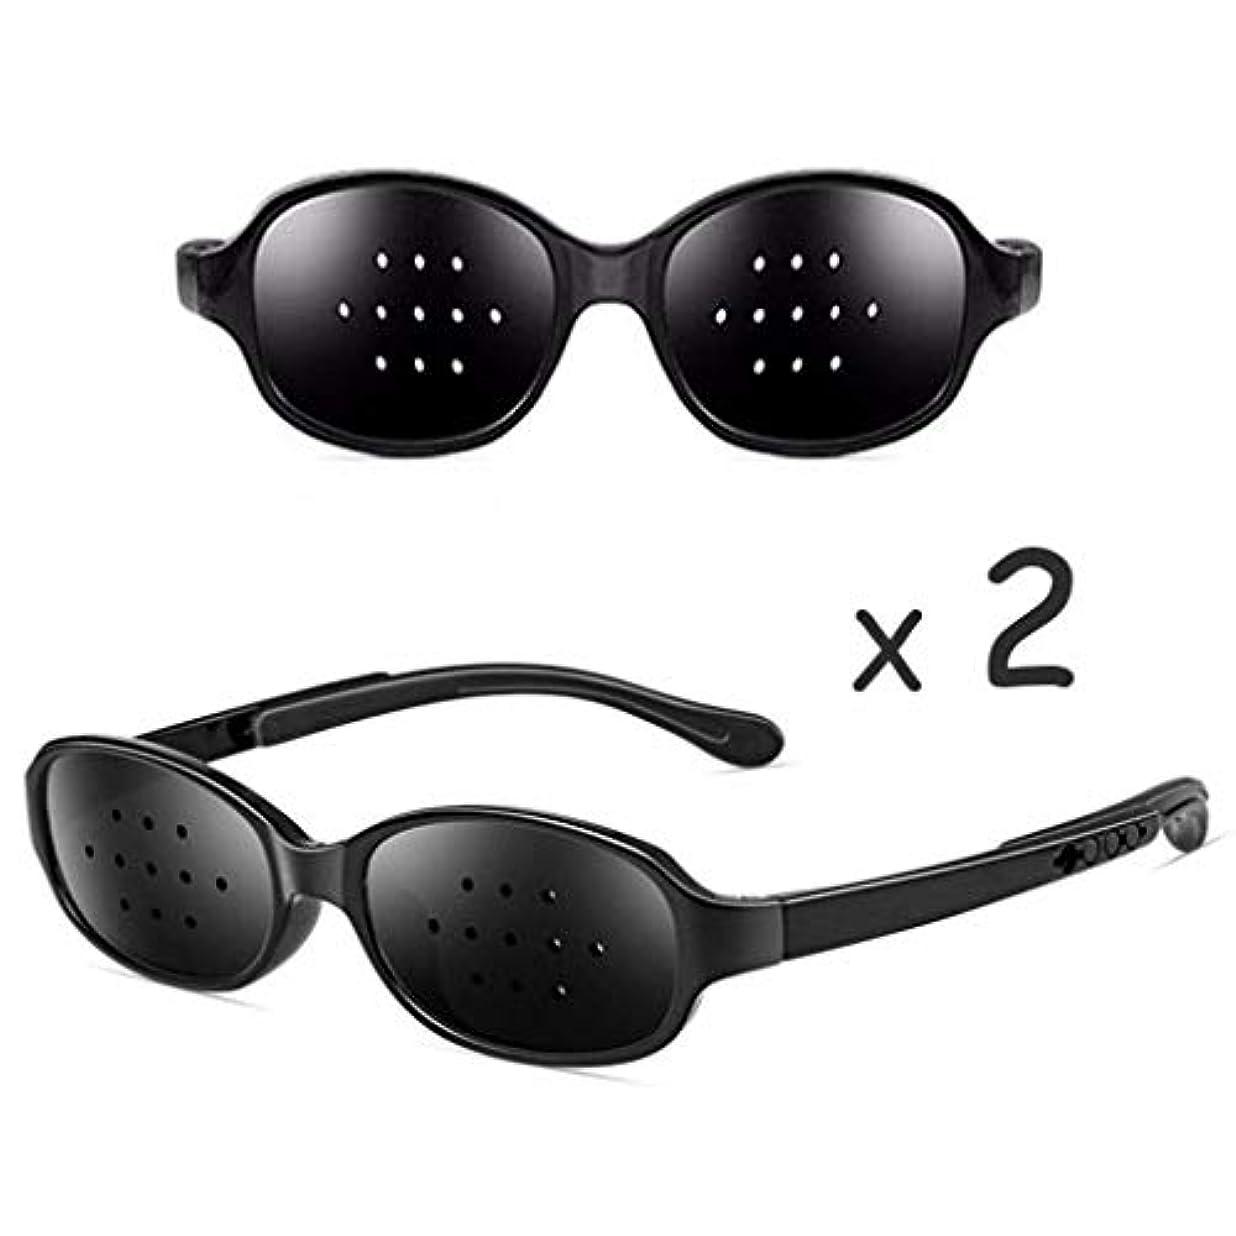 しなければならない入場助言ピンホールメガネ、視力矯正メガネ網状視力保護メガネ耐疲労性メガネ近視の防止メガネの改善 (Color : ピンク)